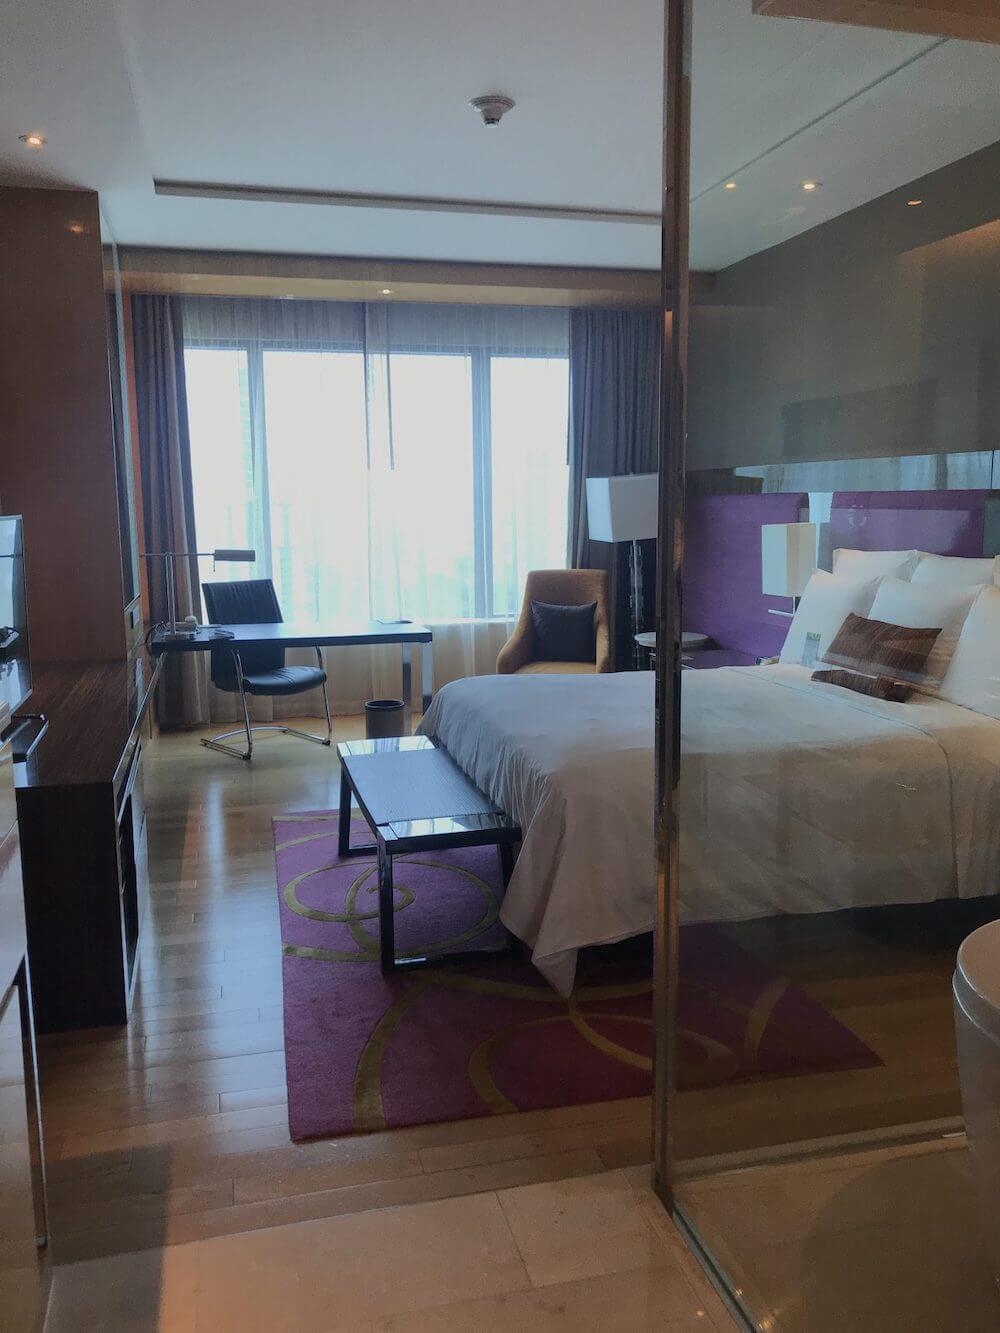 ルネッサンス バンコク ラッチャプラソーン ホテル 宿泊記 007